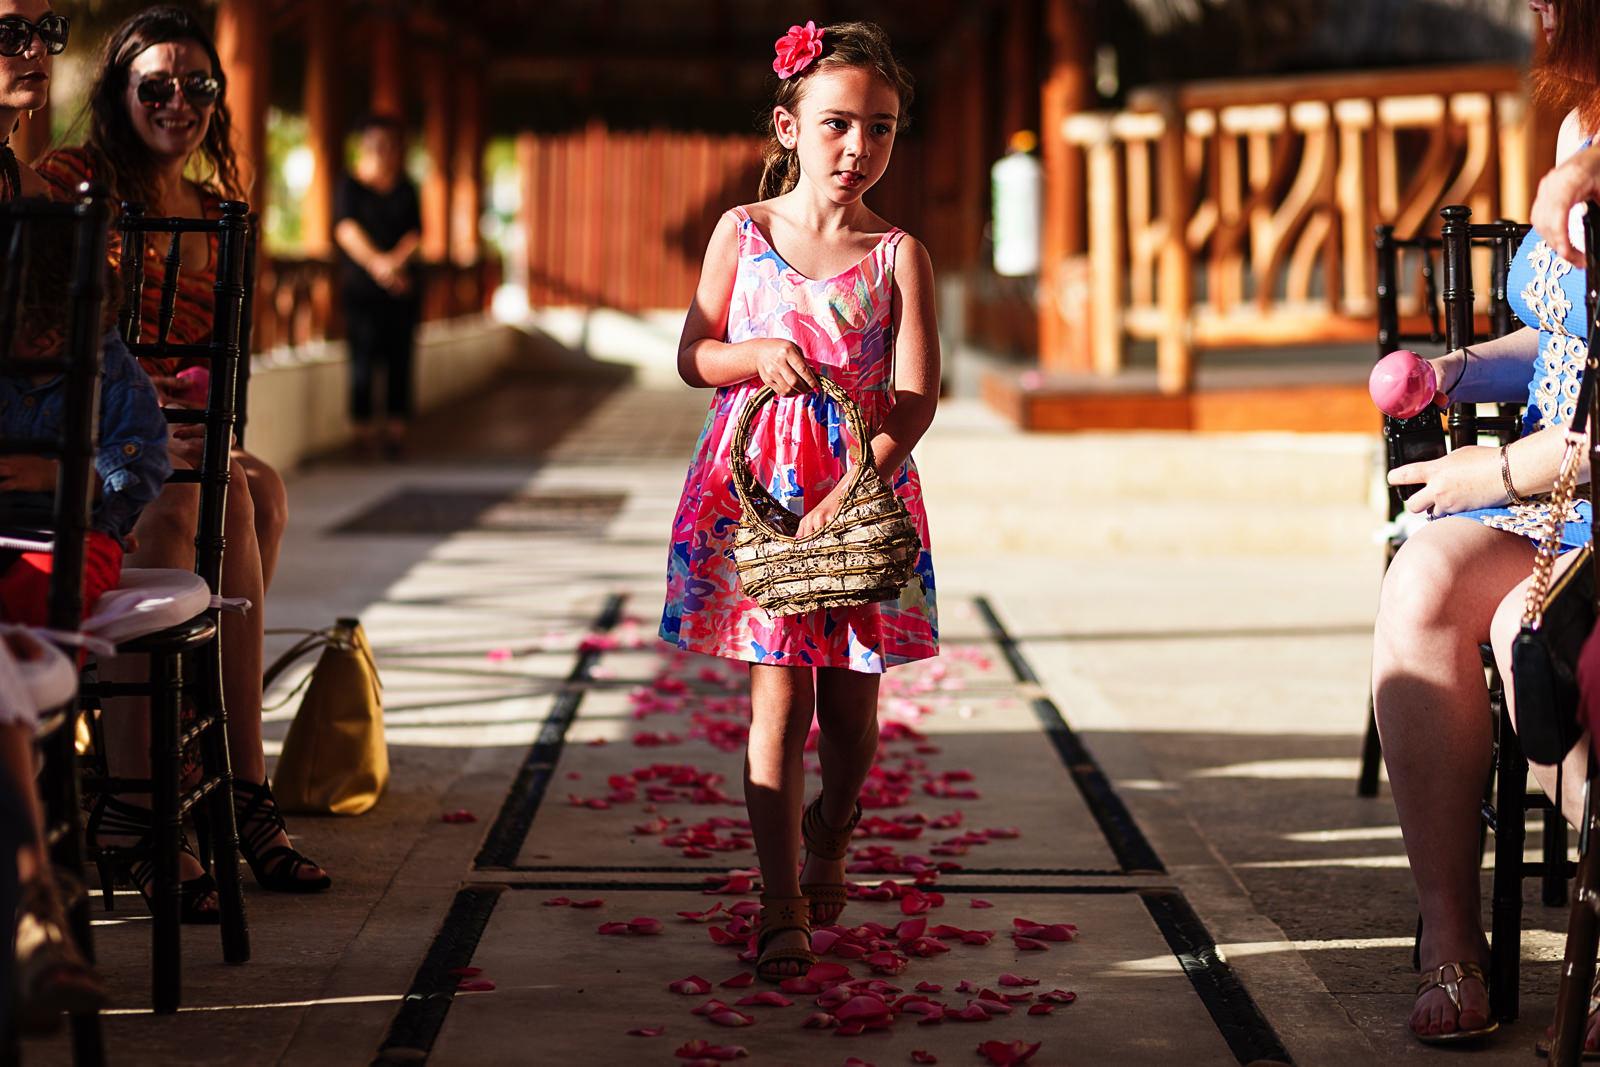 flower-girl-walking-aisle